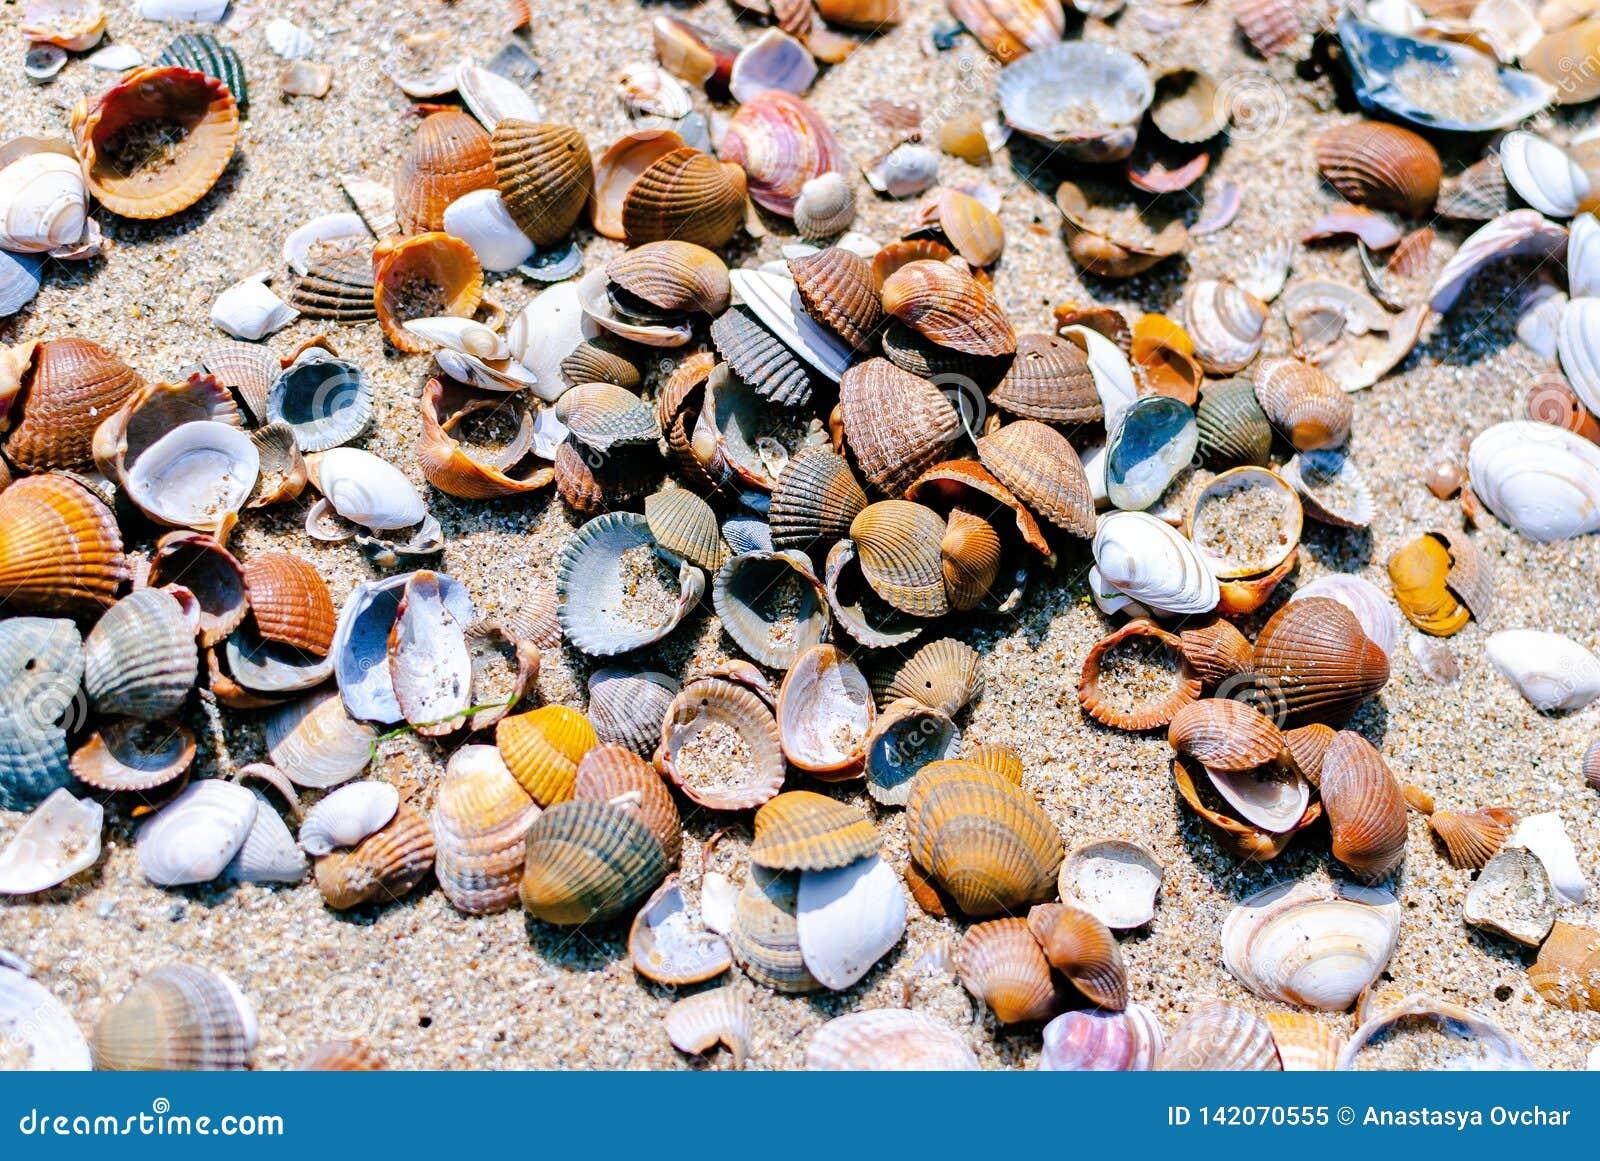 Un primer de las conchas marinas septentrionales que mienten en la arena Concepto del verano Vacaciones Turismo Terapia de la nat